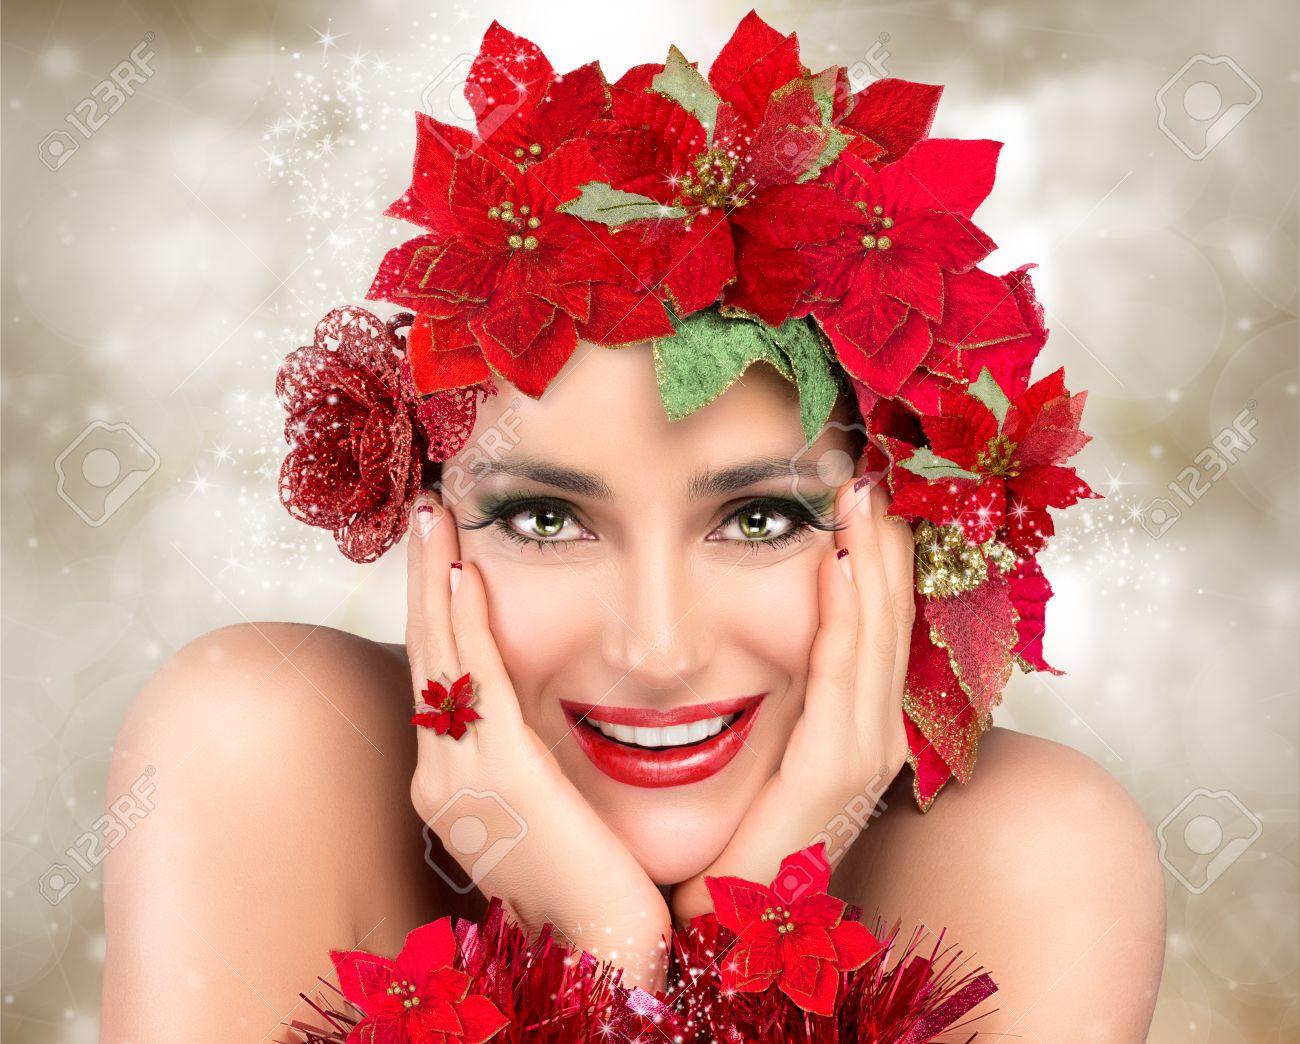 Banque d\u0027images , Enthousiaste fille de Noël. Maquillage de fête, manucure  et coiffure floral en rouge et vert. mode de beauté de Noël. Les gens  heureux